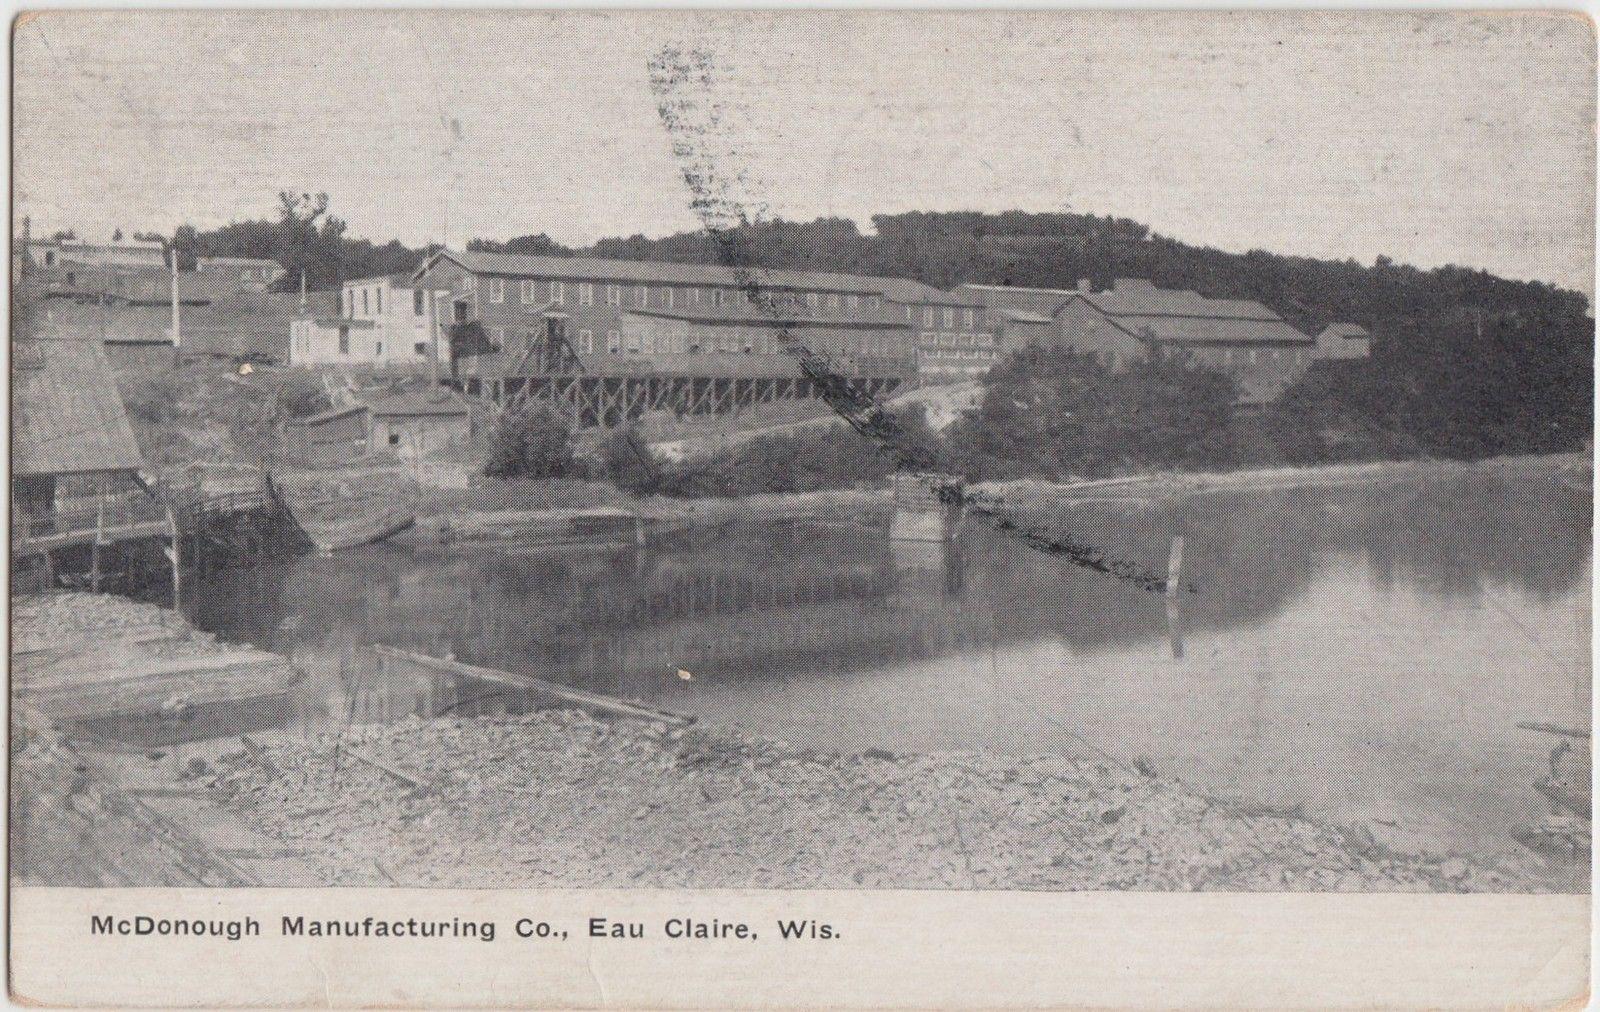 1910 - North Bank, Eau Claire River. Credit Our Old Town Eau Claire